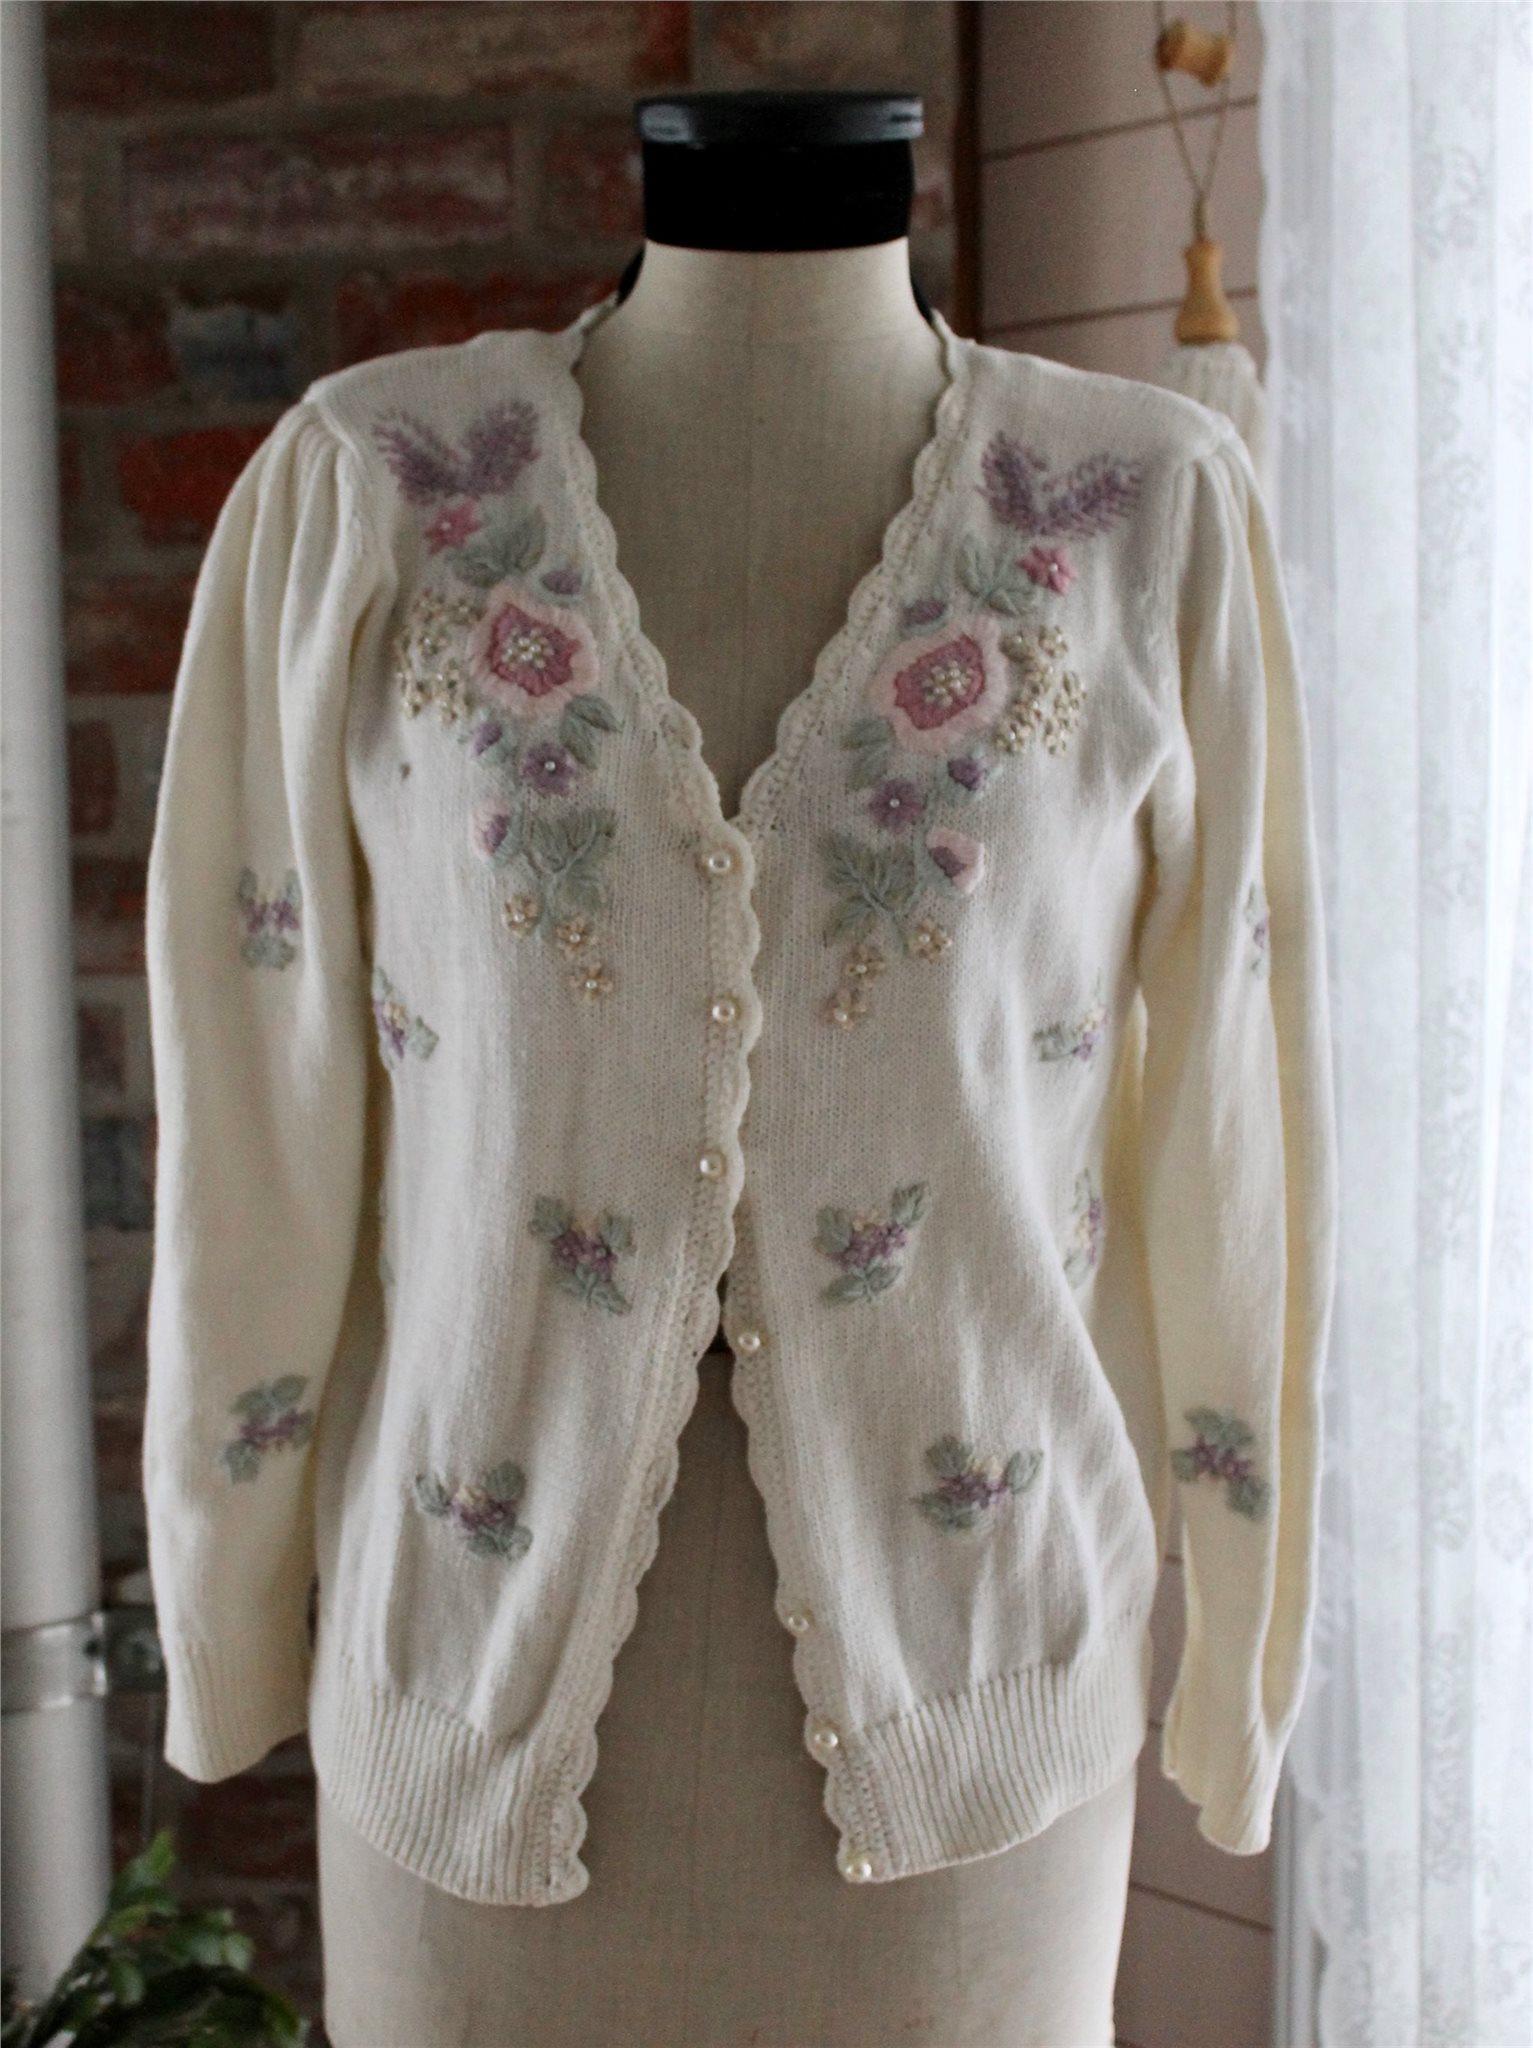 70d2ce48da0b Vintage romantisk kofta broderade blommor S/M bomull/ramie pärlbroderad  tröja